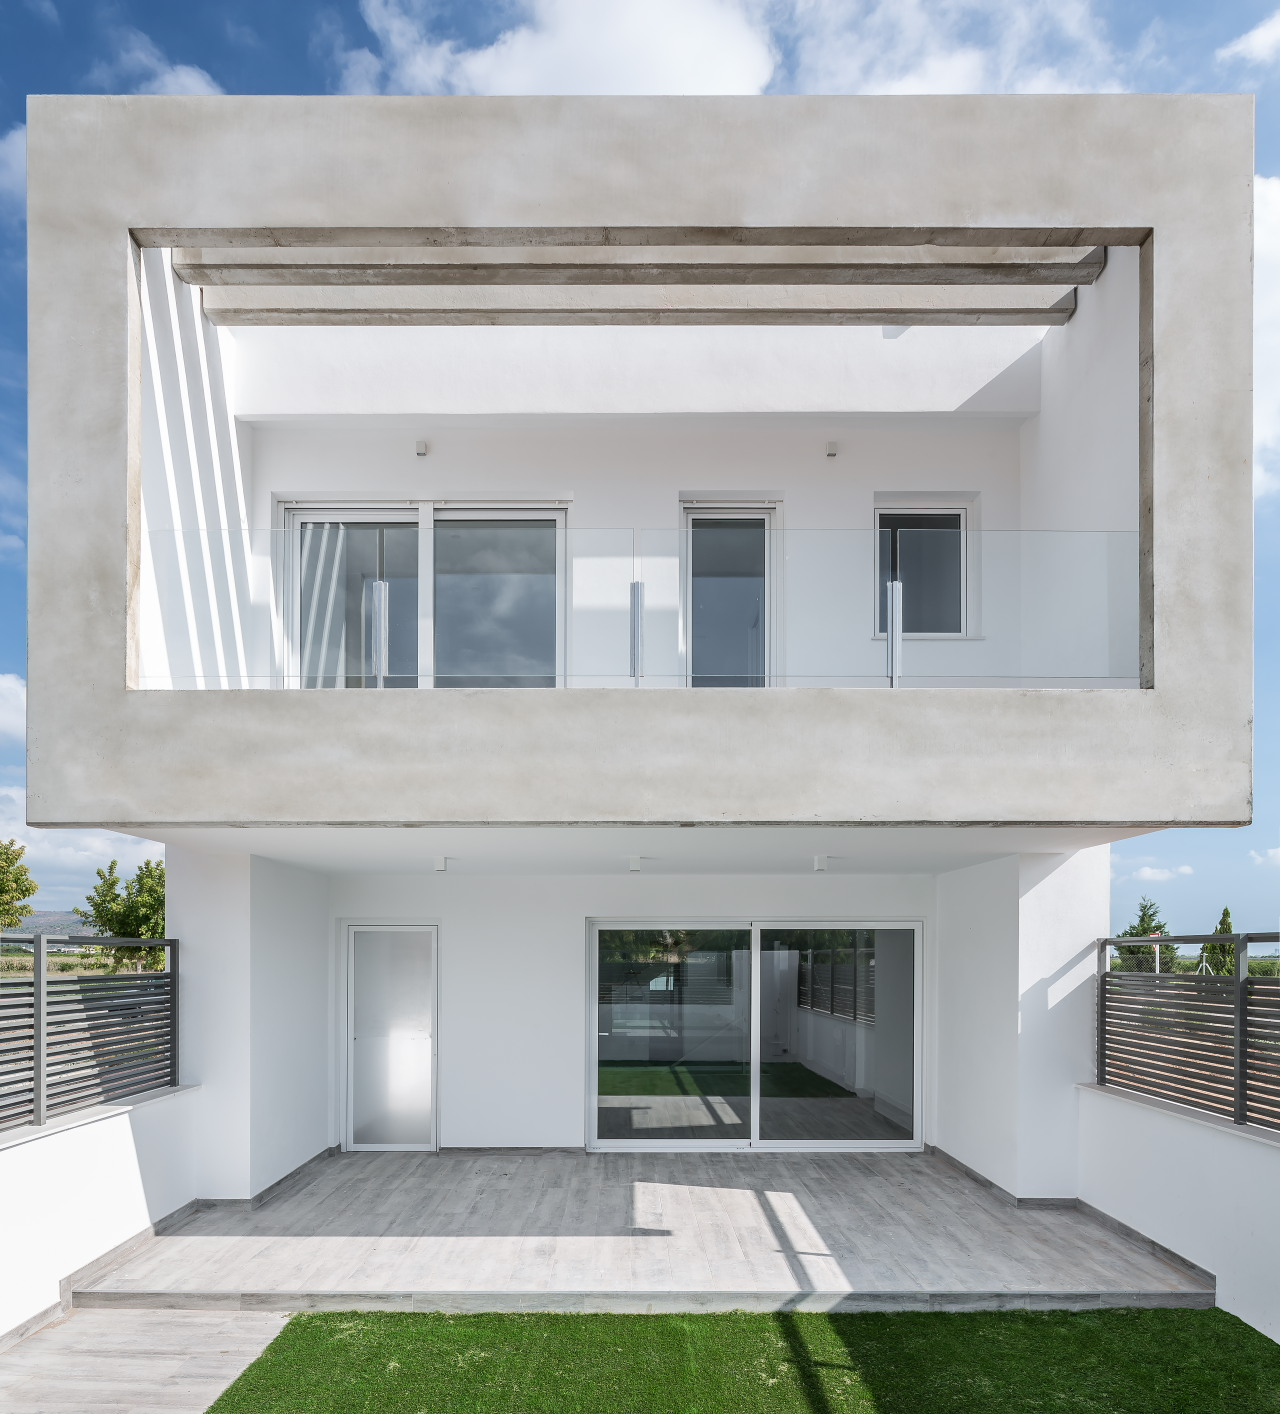 fotografia-arquitectura-valencia-puig-german-cabo-viraje-v15 (4)